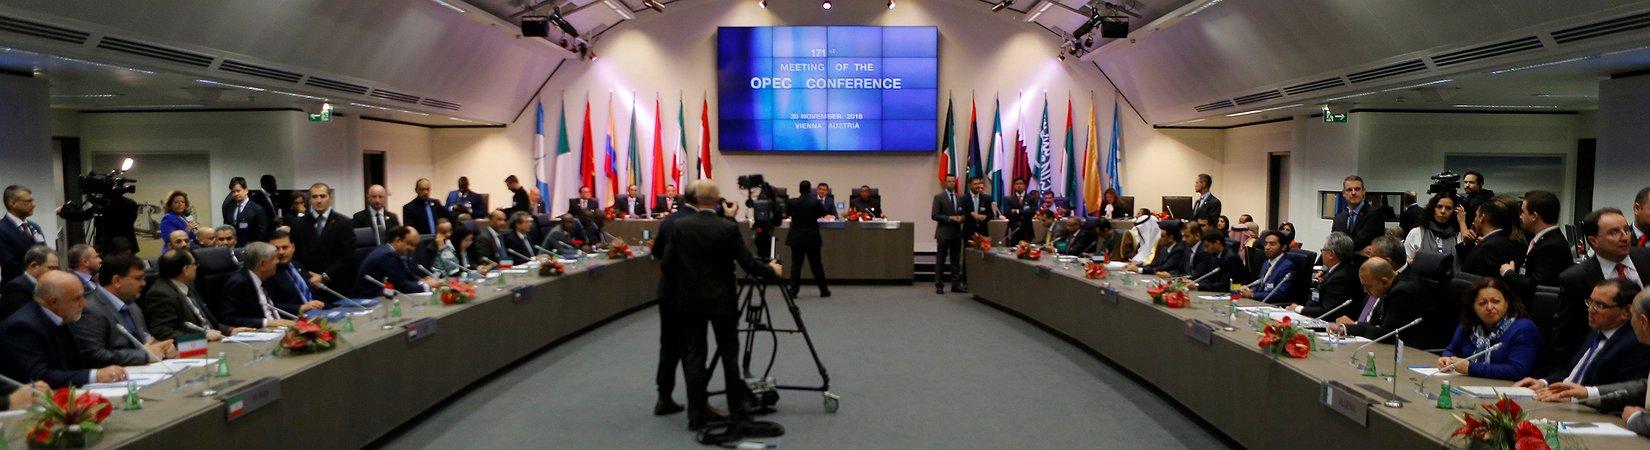 Reunião da OPEP: 5 aspetos a acompanhar